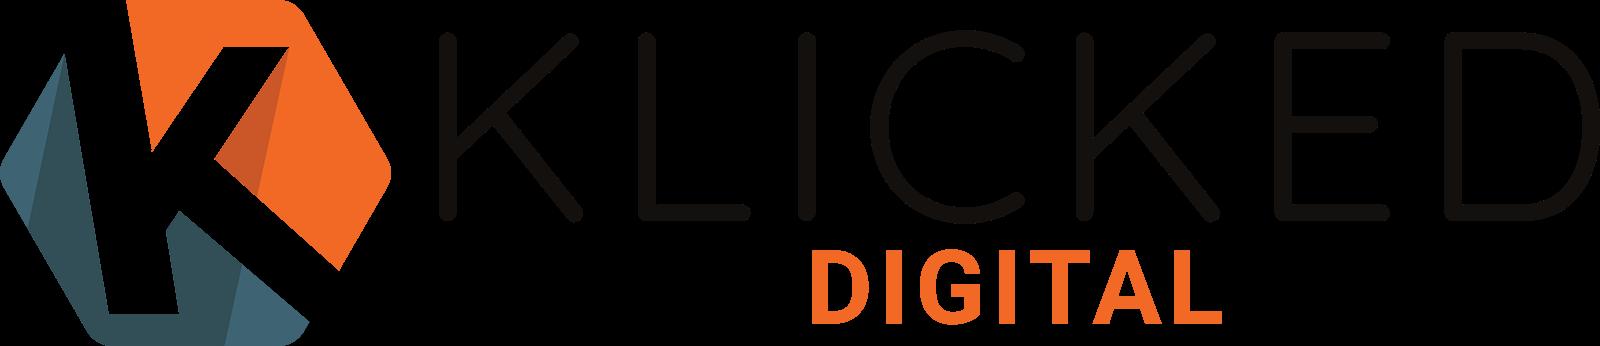 Klicked Digital